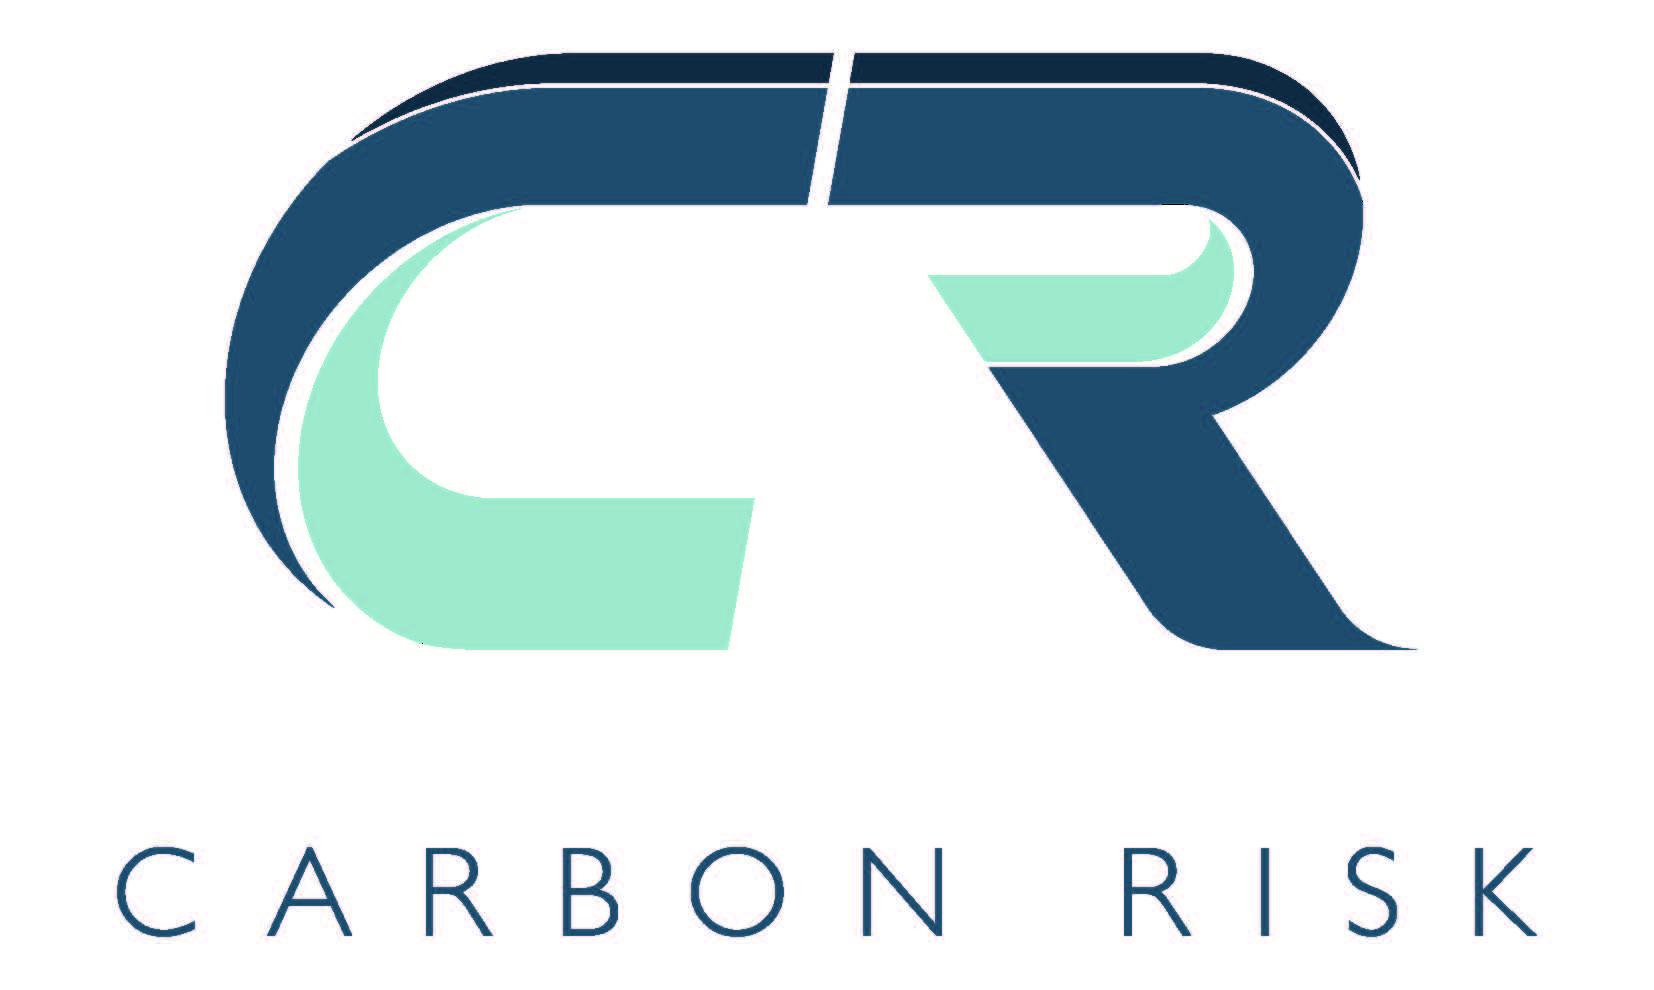 CarbonRisk